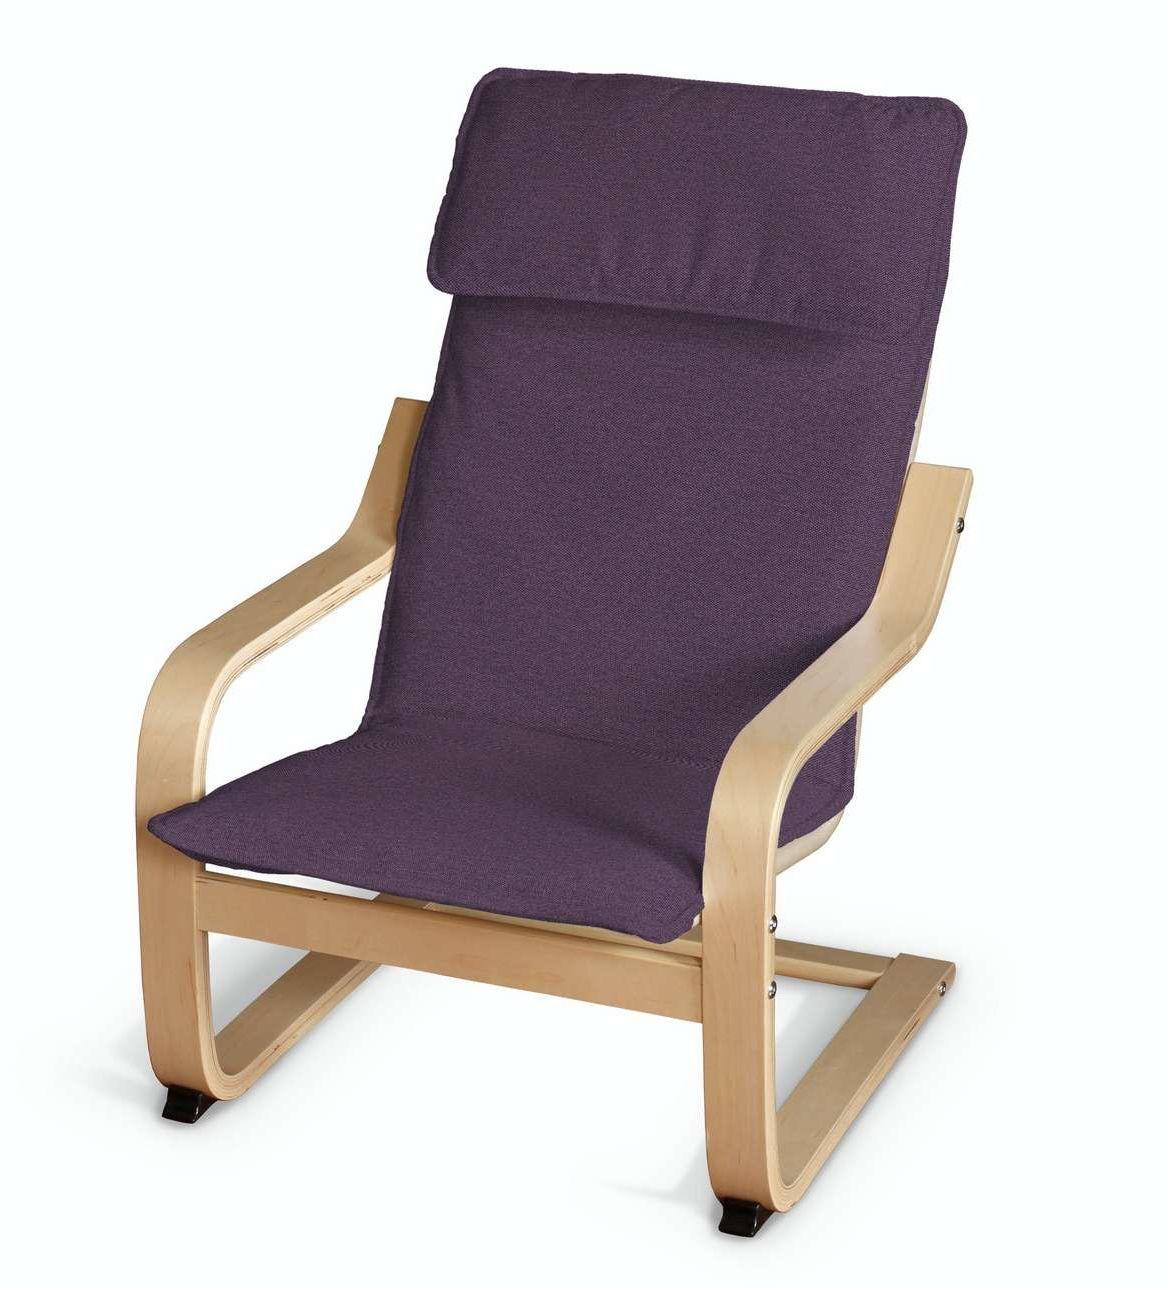 Poduszka na fotelik dziecięcy Poäng, fioletowy, fotelik dziecięcy Poäng, Etna